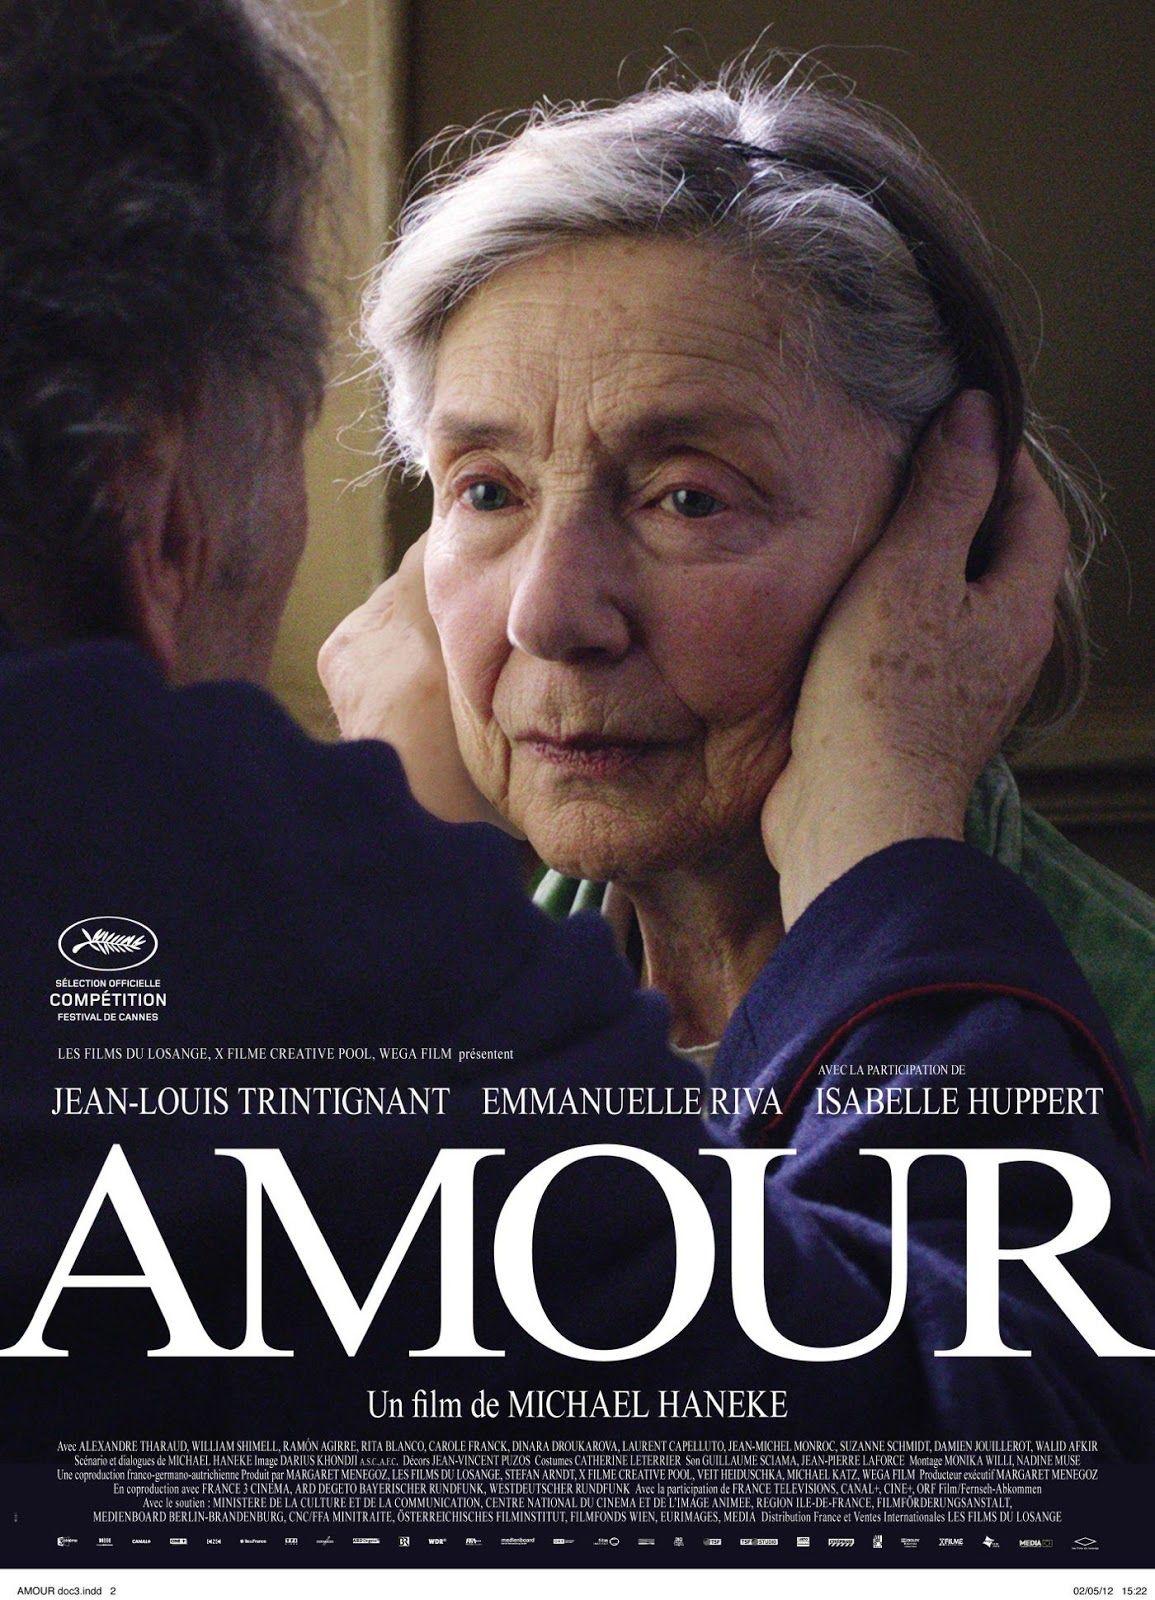 17 mei 2013 Amour bij Filmhuis Pier K Nieuw-Vennep http://www.pier-k.nl/projecten/filmhuis-pier-k-nieuw-vennep